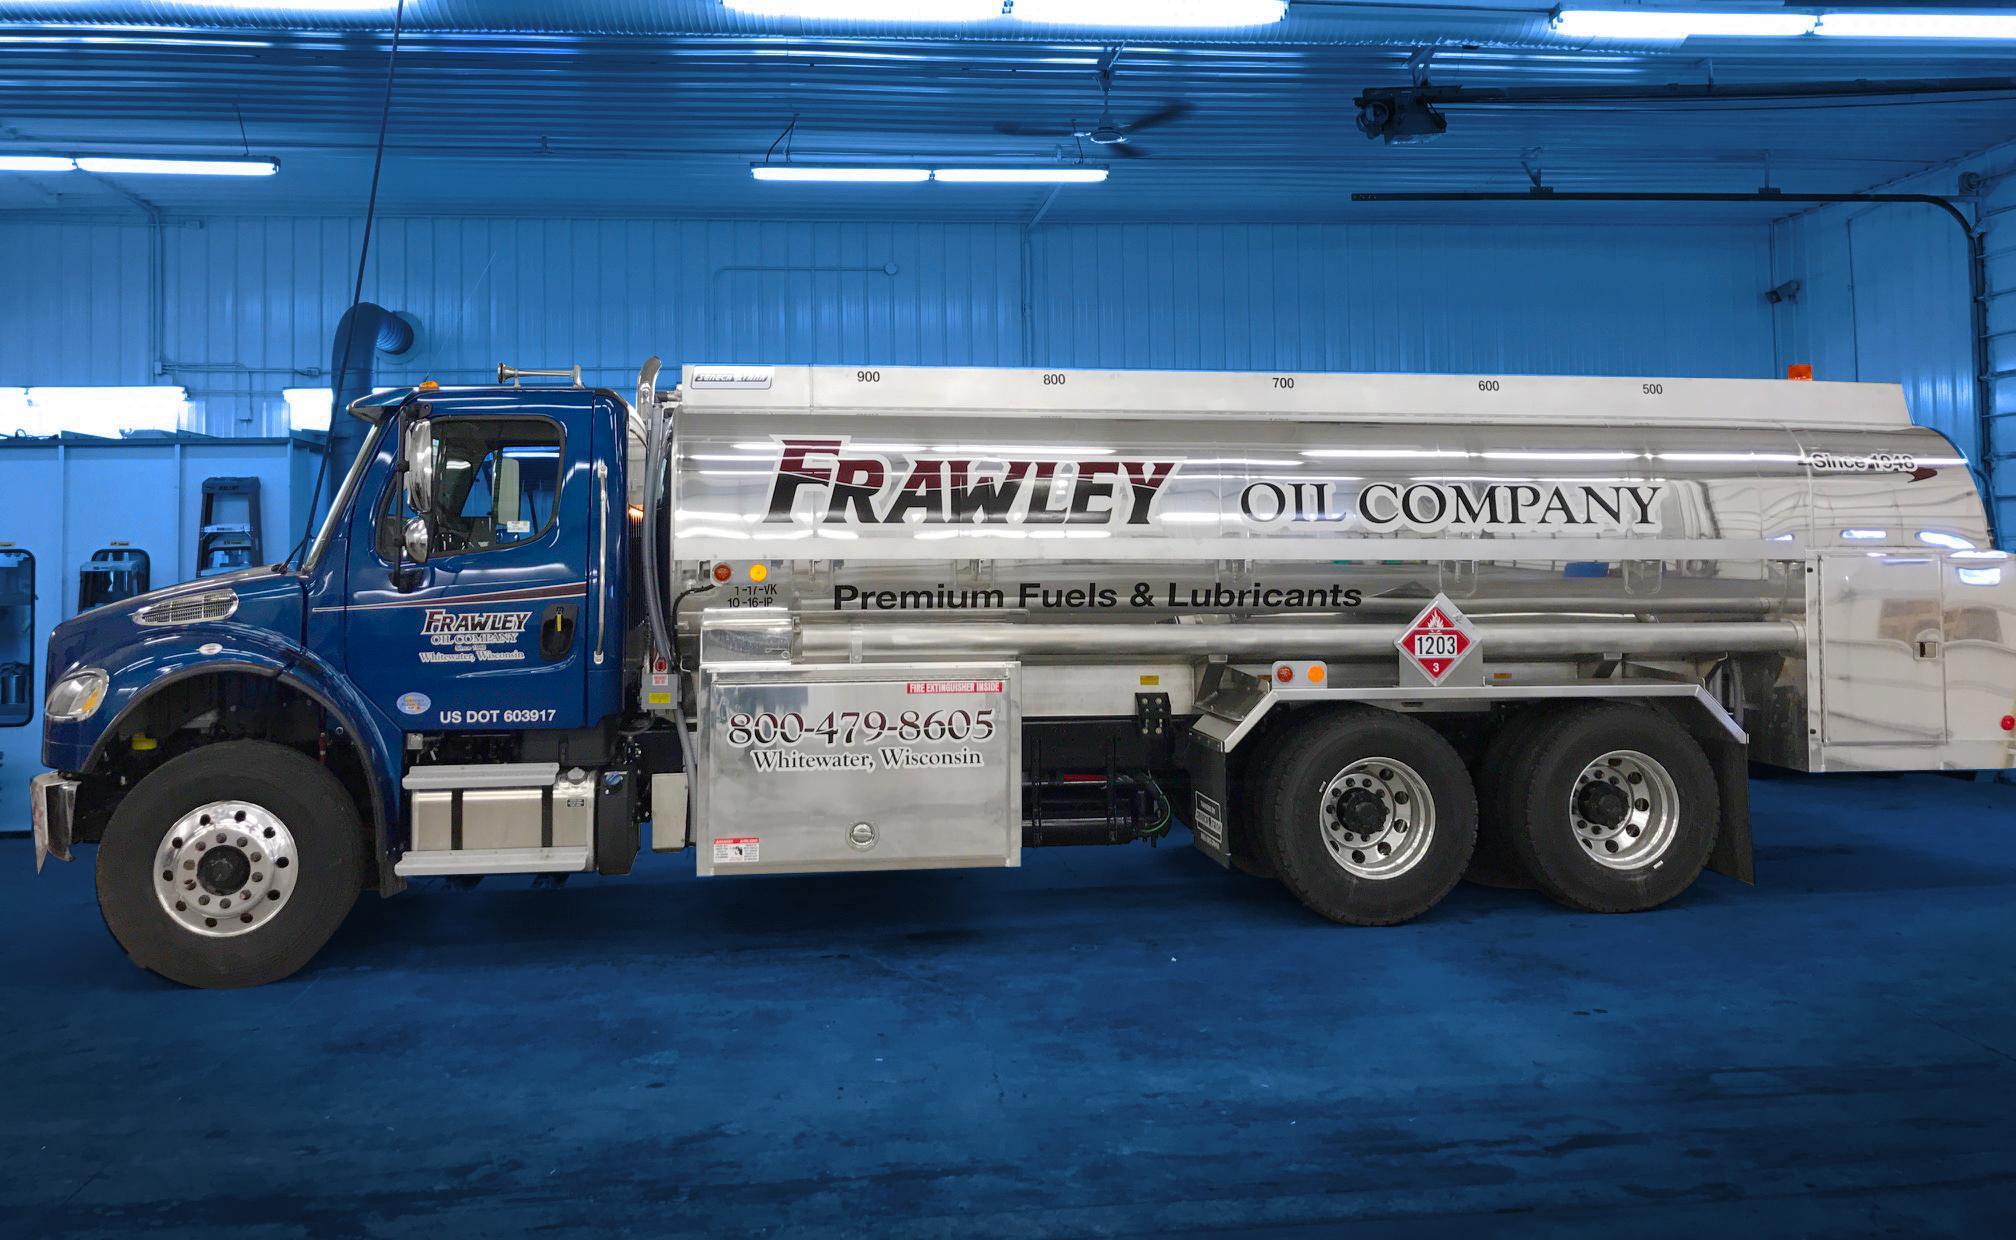 Frawley Oil Tanker.jpg